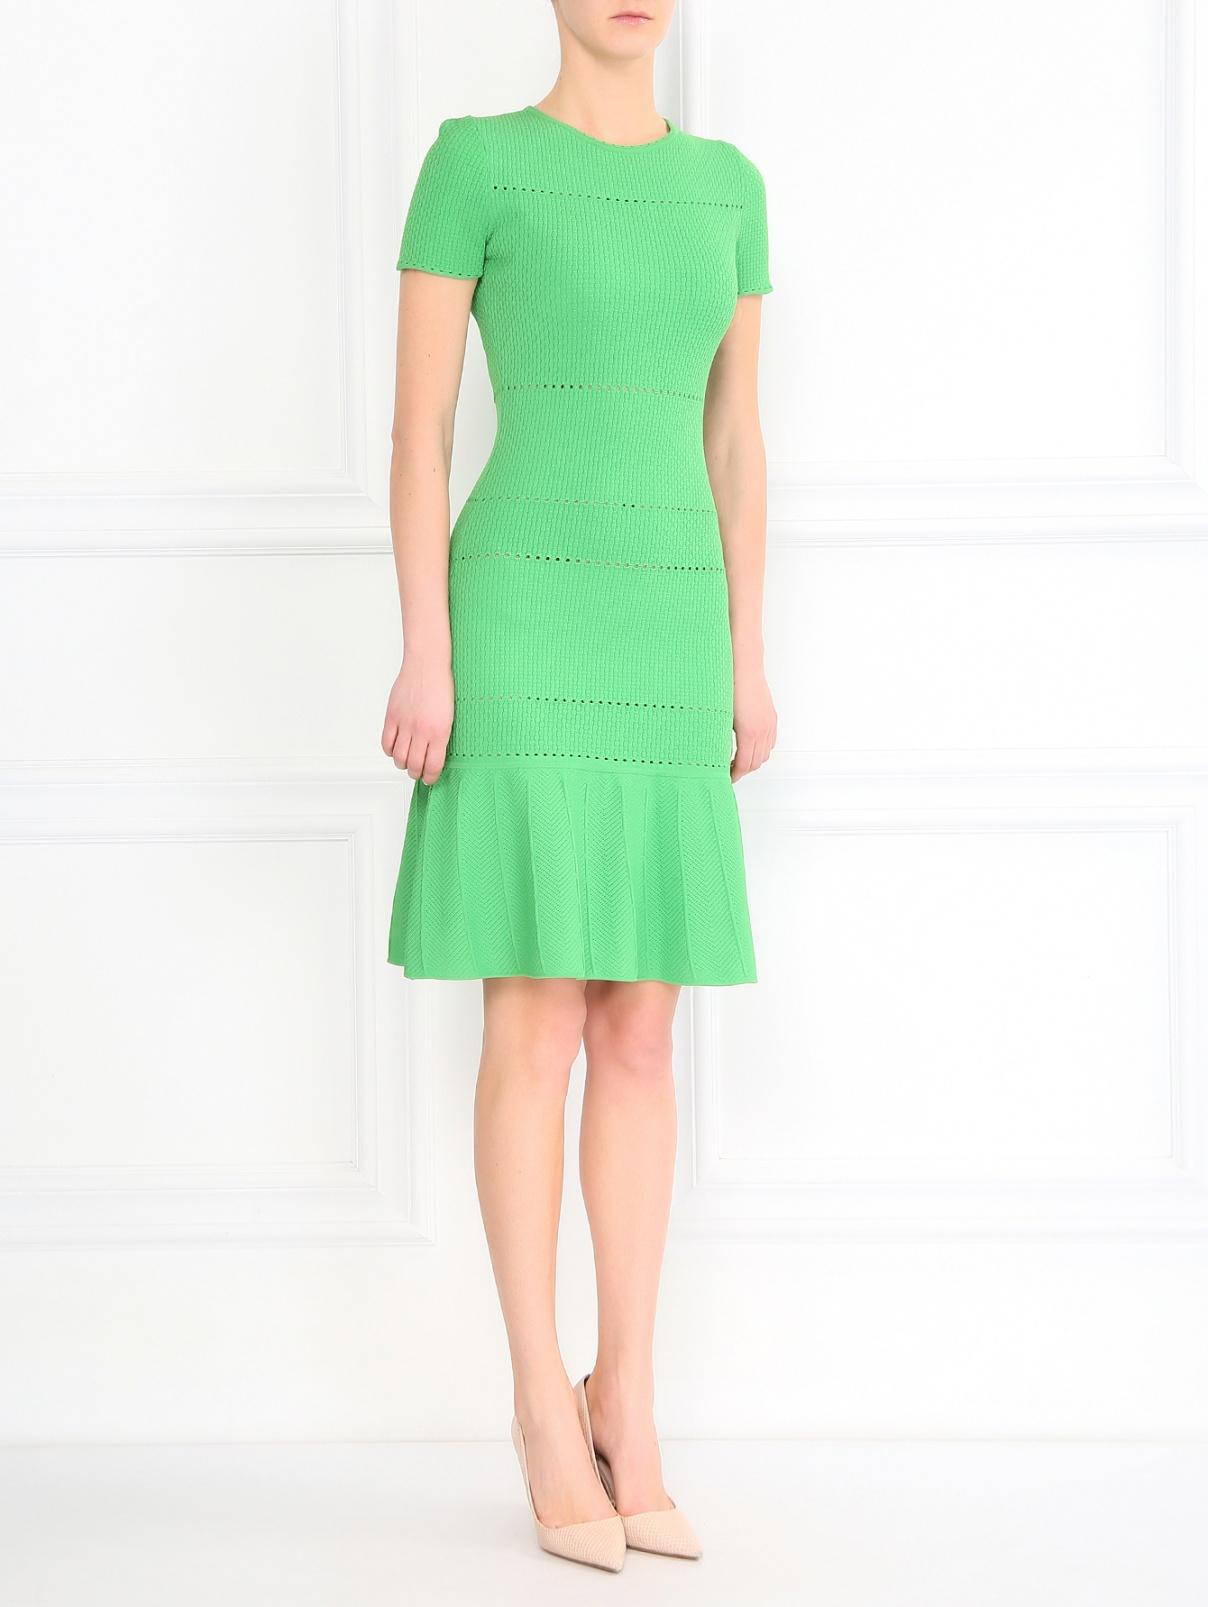 Трикотажное платье-мини N21  –  Модель Общий вид  – Цвет:  Зеленый